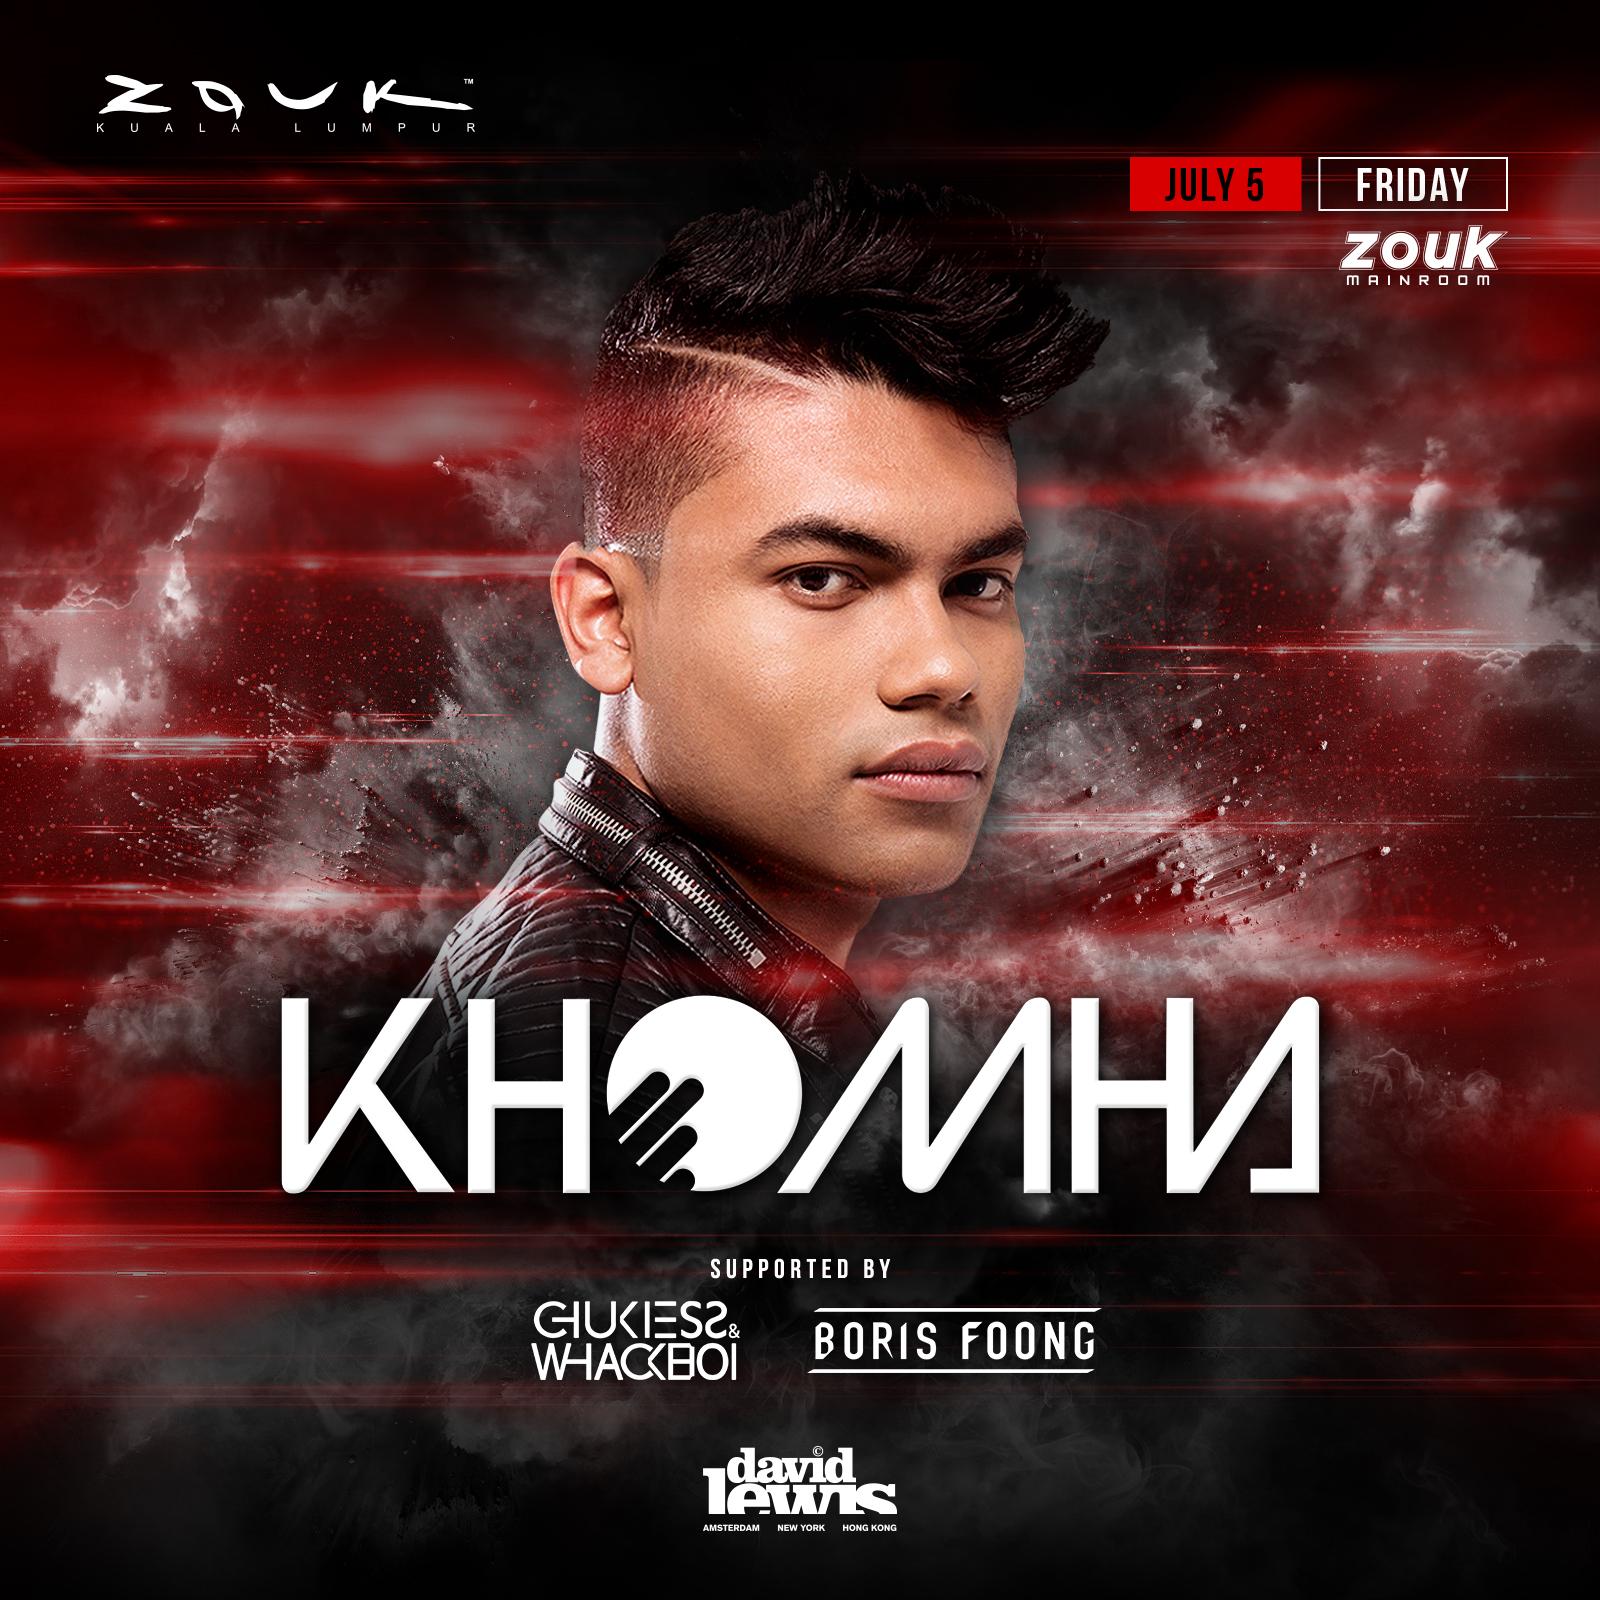 Khomha 2019 - FB_IG.jpg